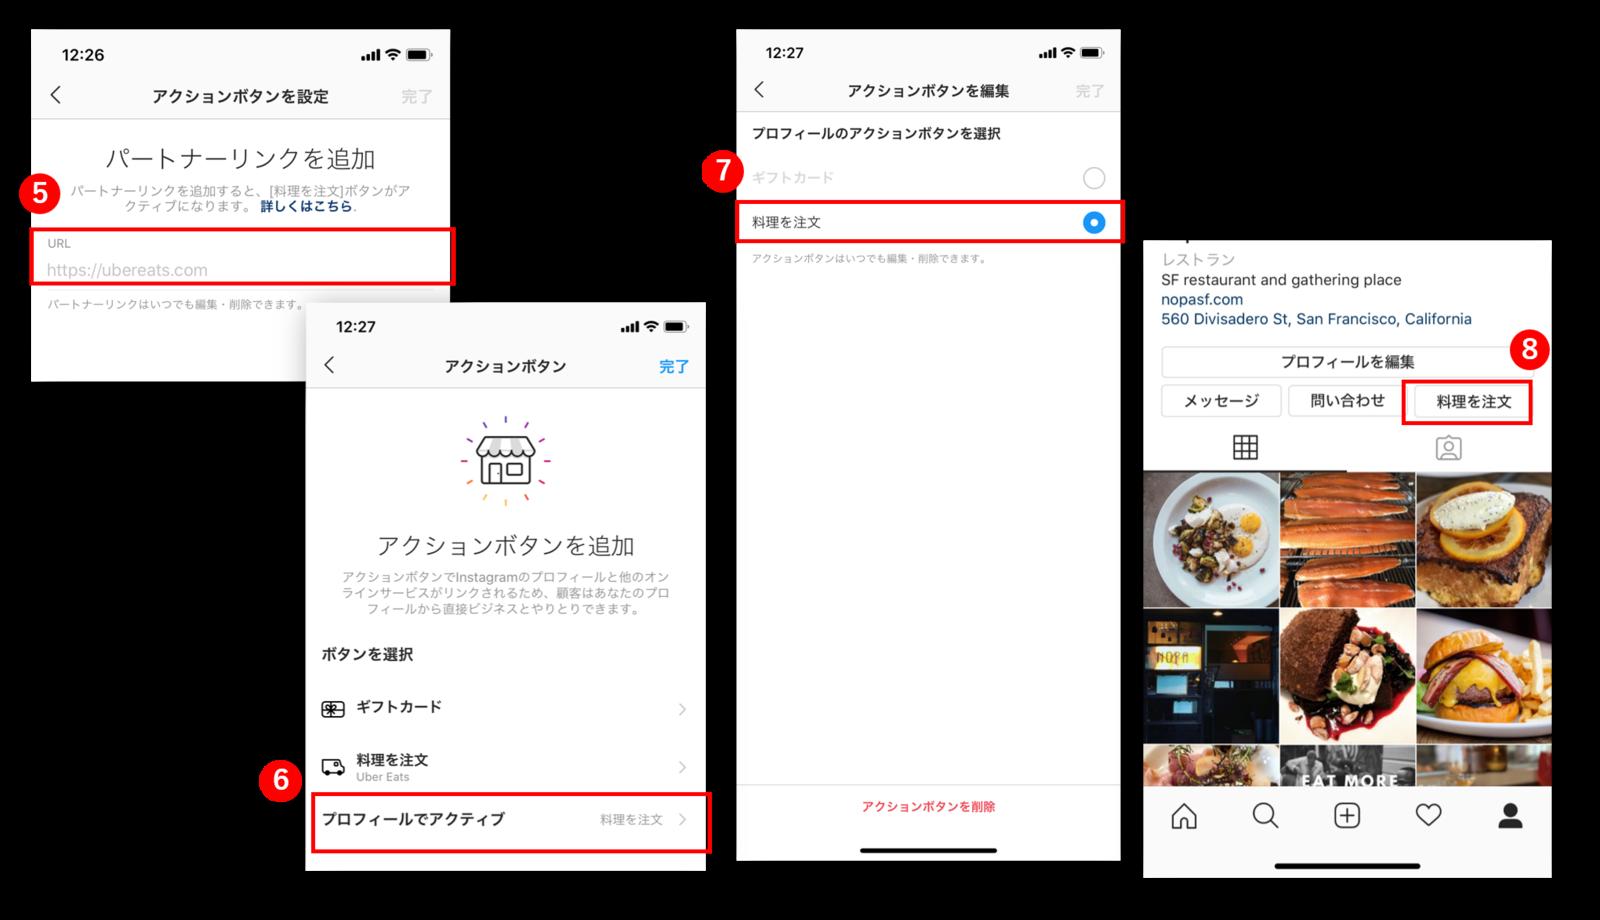 f:id:tentsu_media:20200706160630p:plain